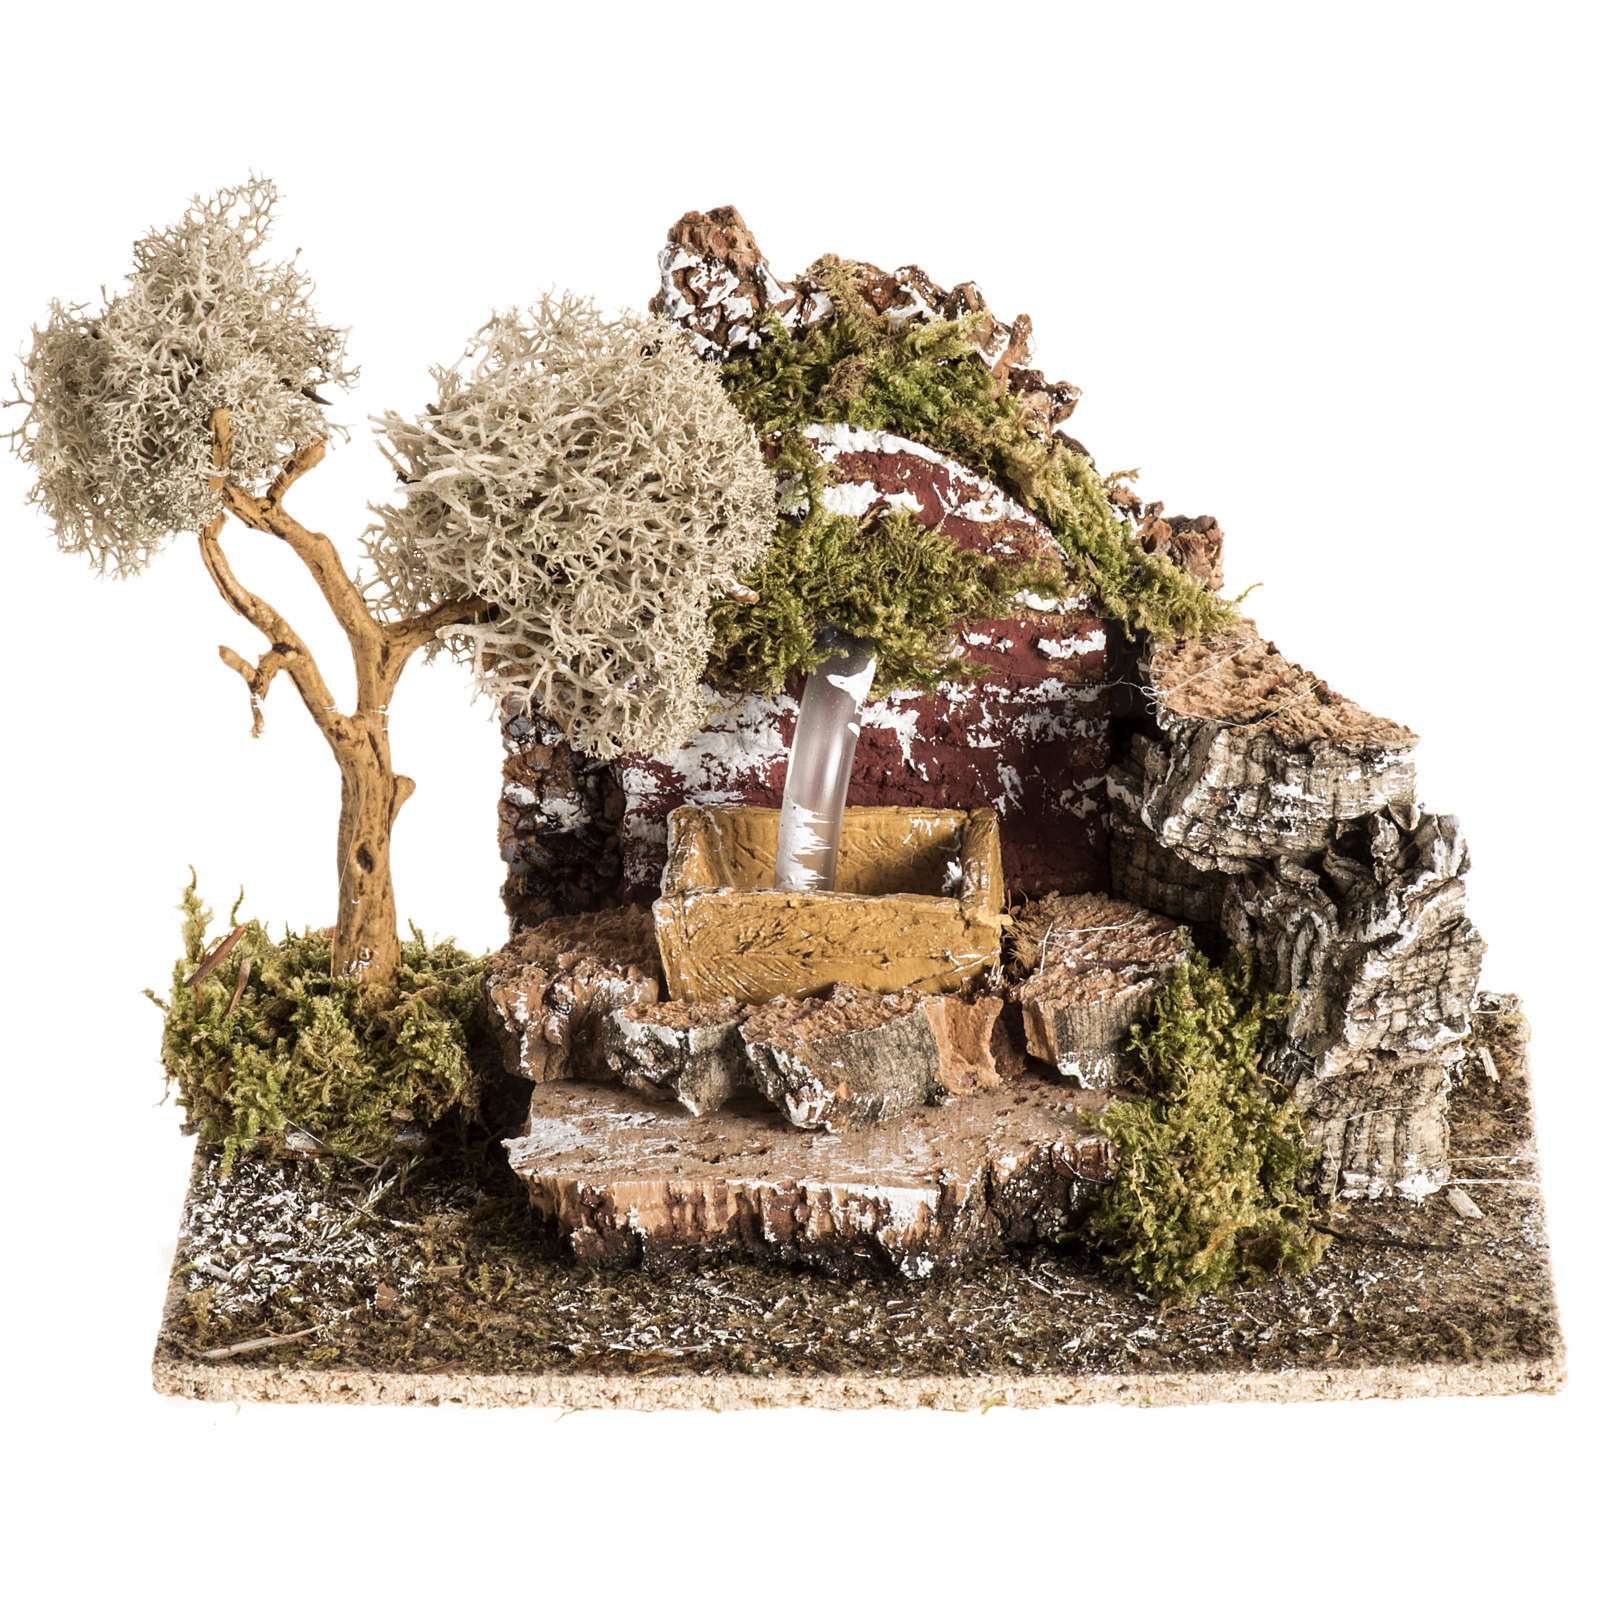 Faux fontaine milieu crèche de Noel 4